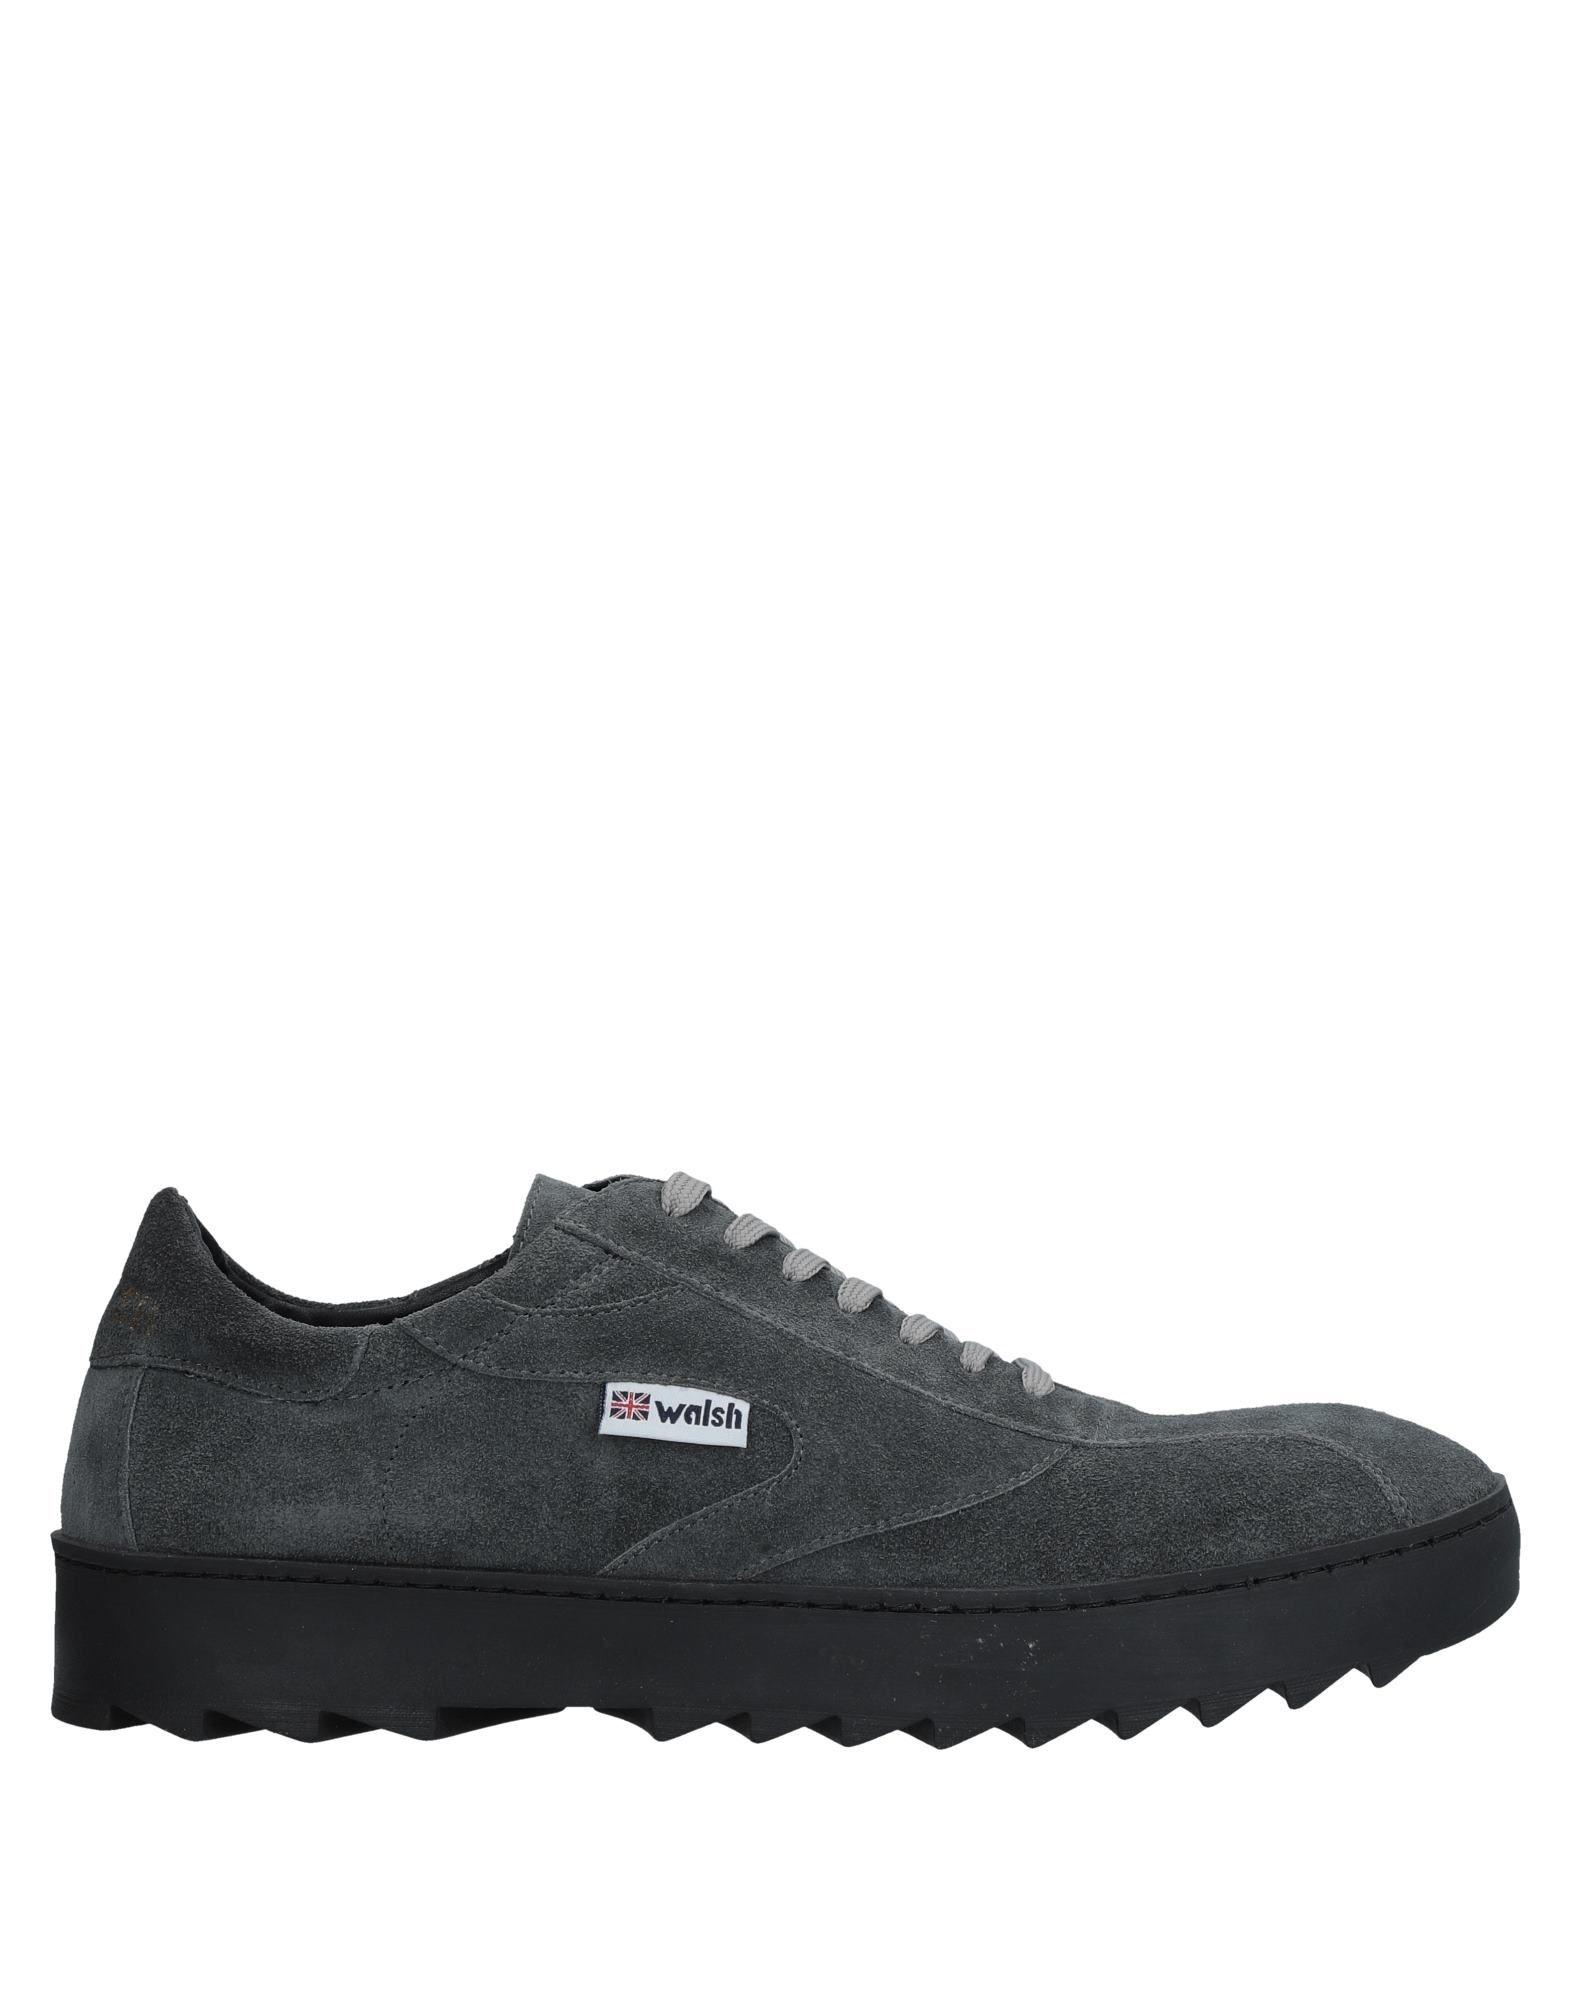 Sneakers Walsh Uomo - 11544316OV Scarpe economiche e buone